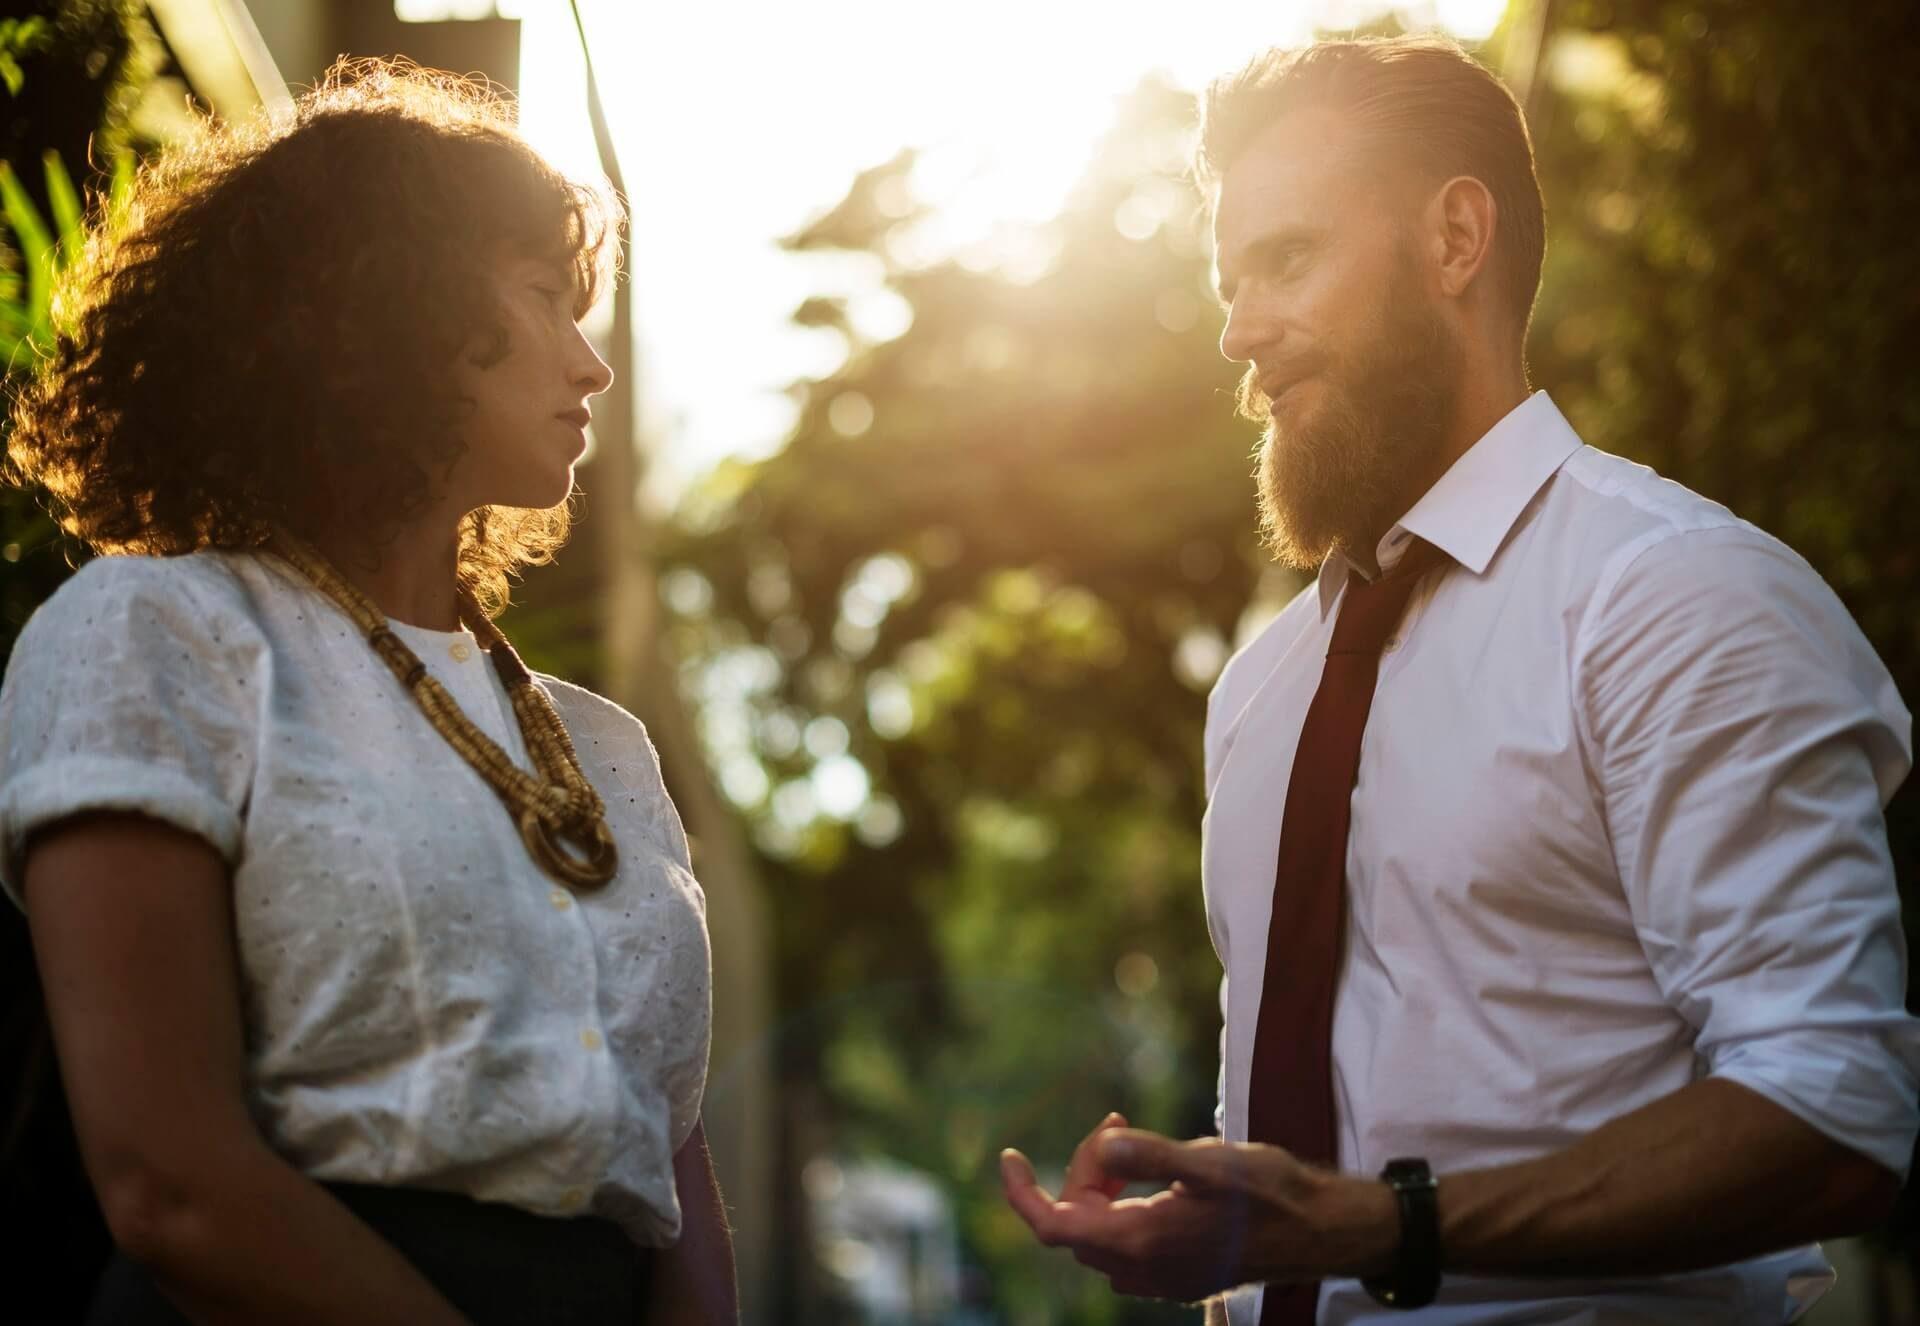 sukses - senang - bahagia - karyawan kantoran - pebisnis (9) - berpikir positif